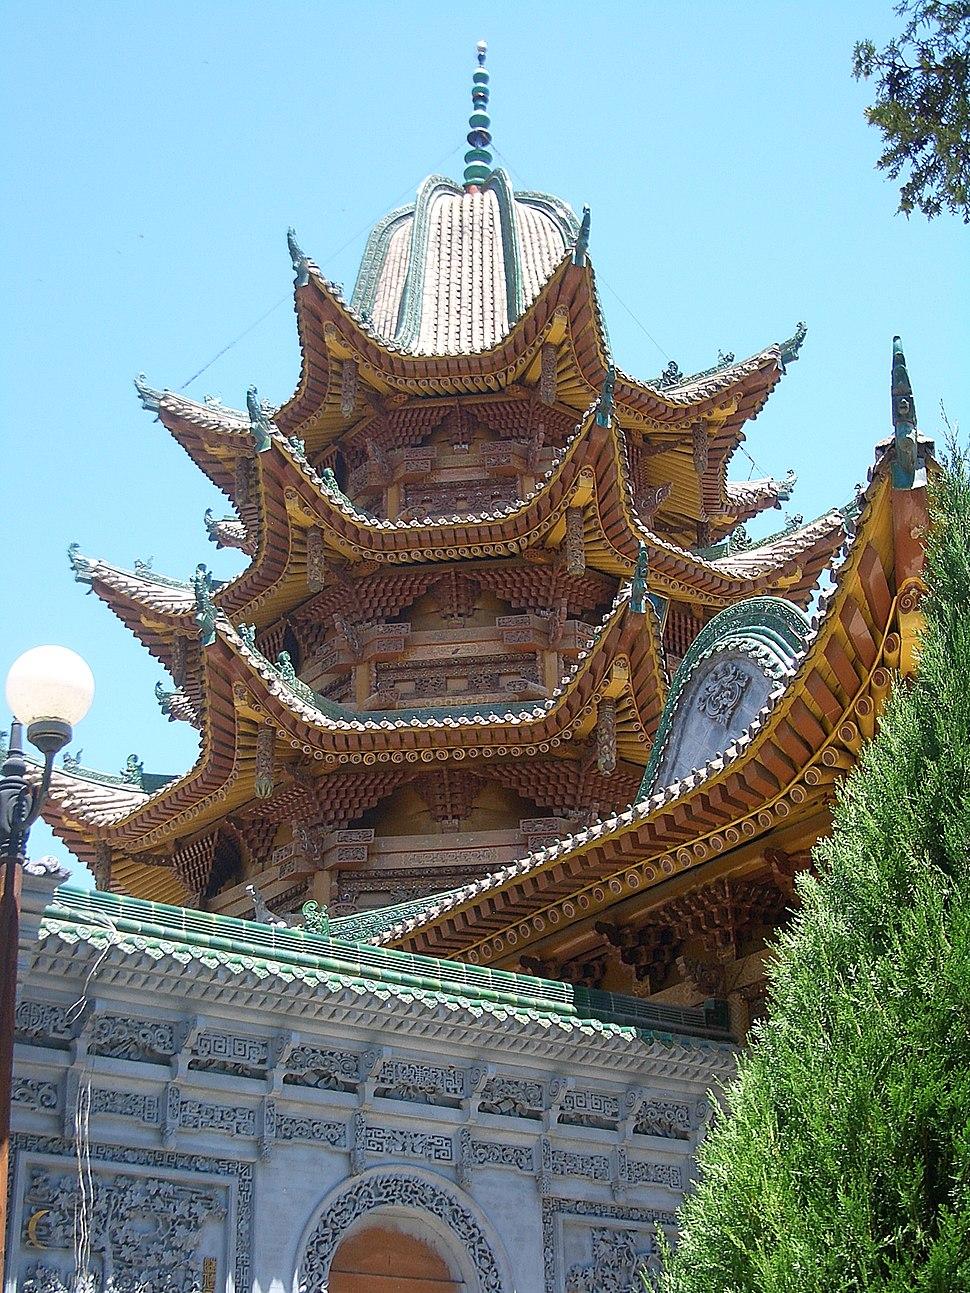 5861-Linxia-Yu-Baba-Gongbei-main-building-roof